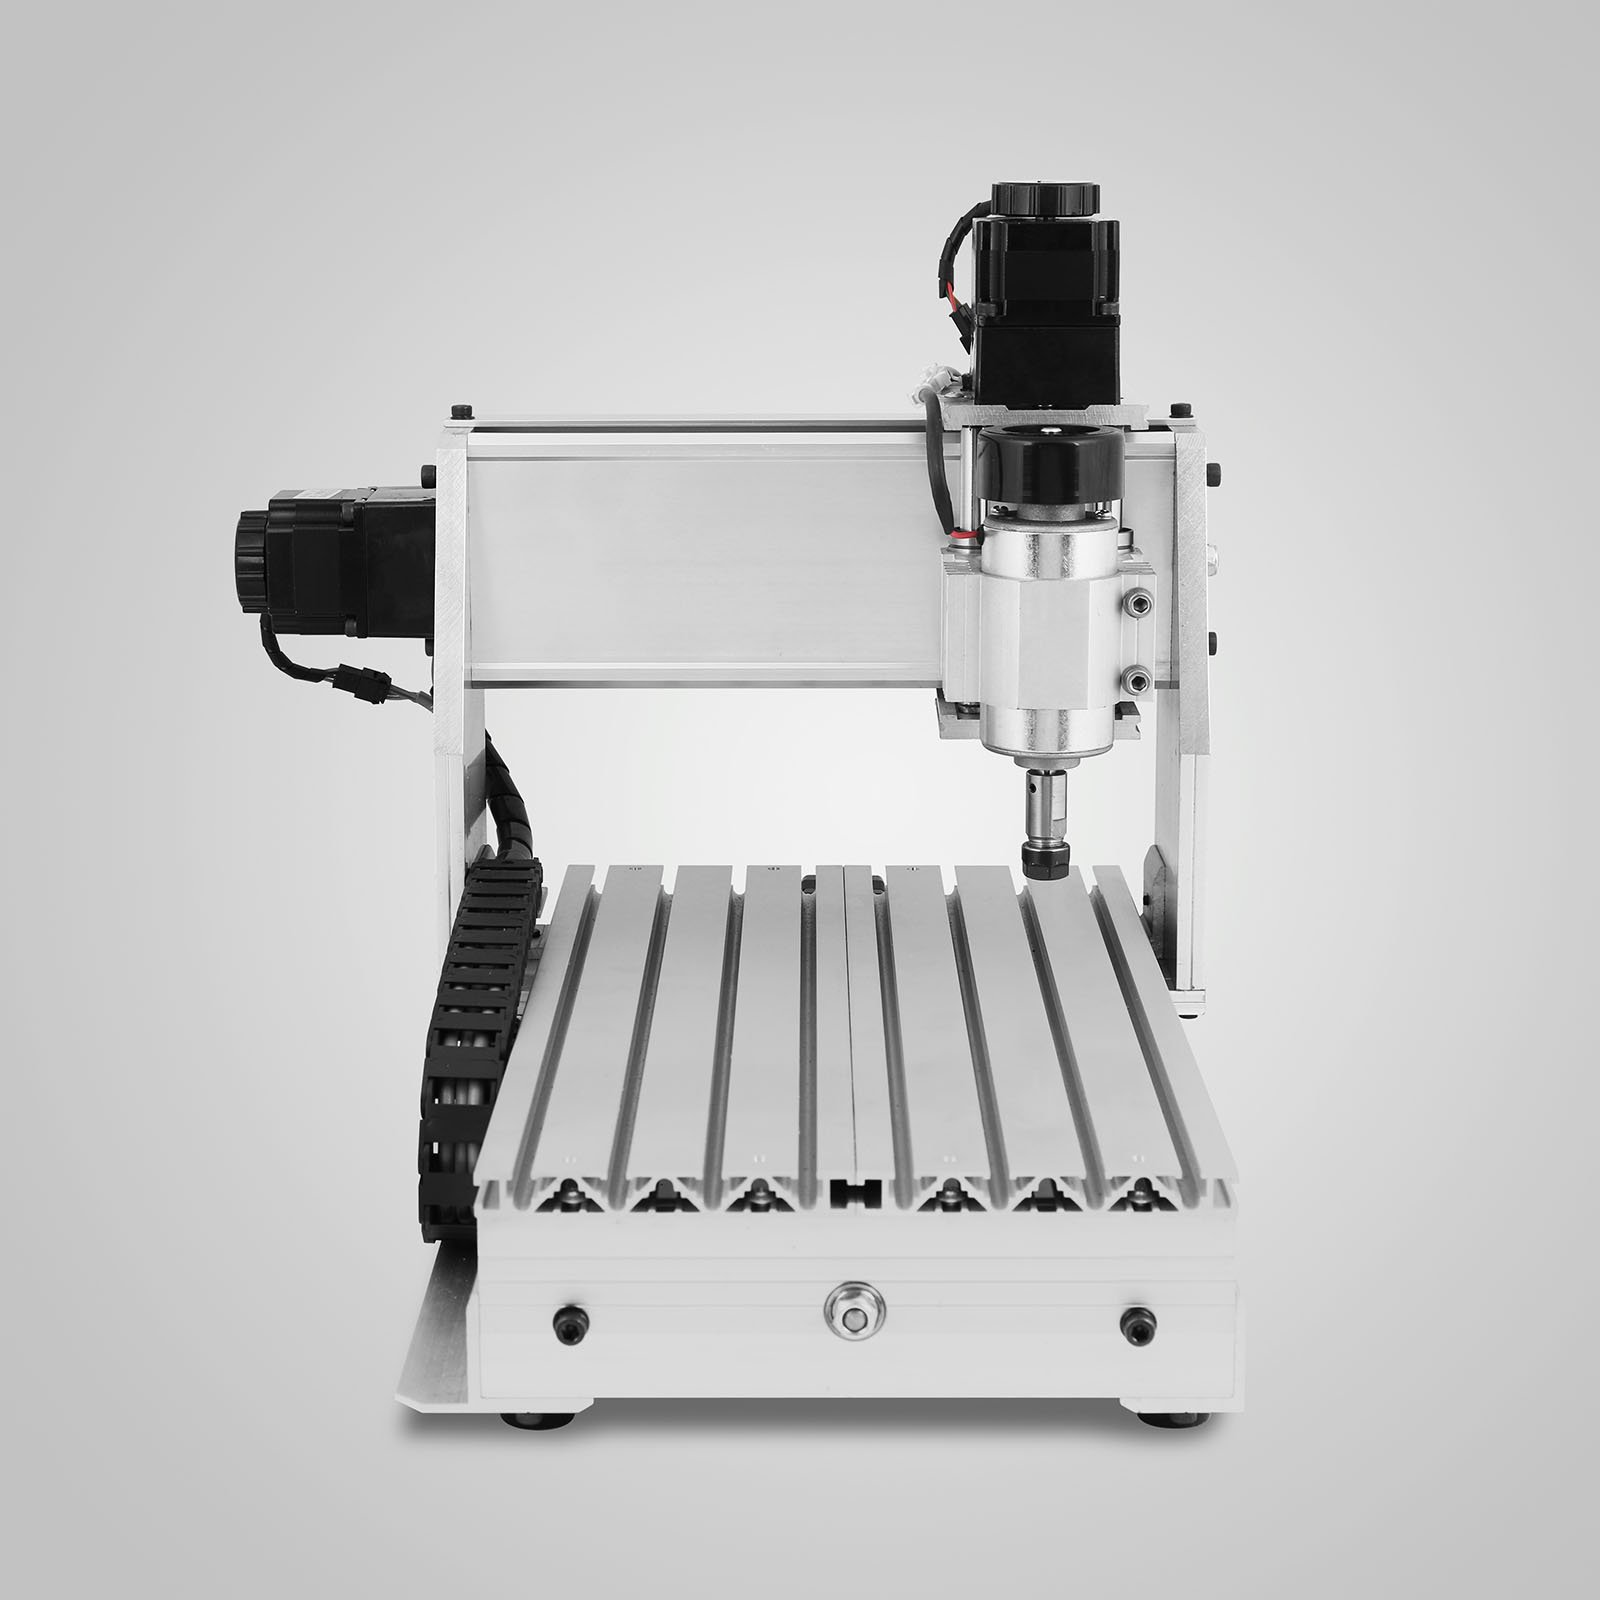 FurMune CNC Fräsmaschine Fräs Graviergerät CNC Router Machine Engraver Machine 3020T 4 Achsigen Einfache Installation…